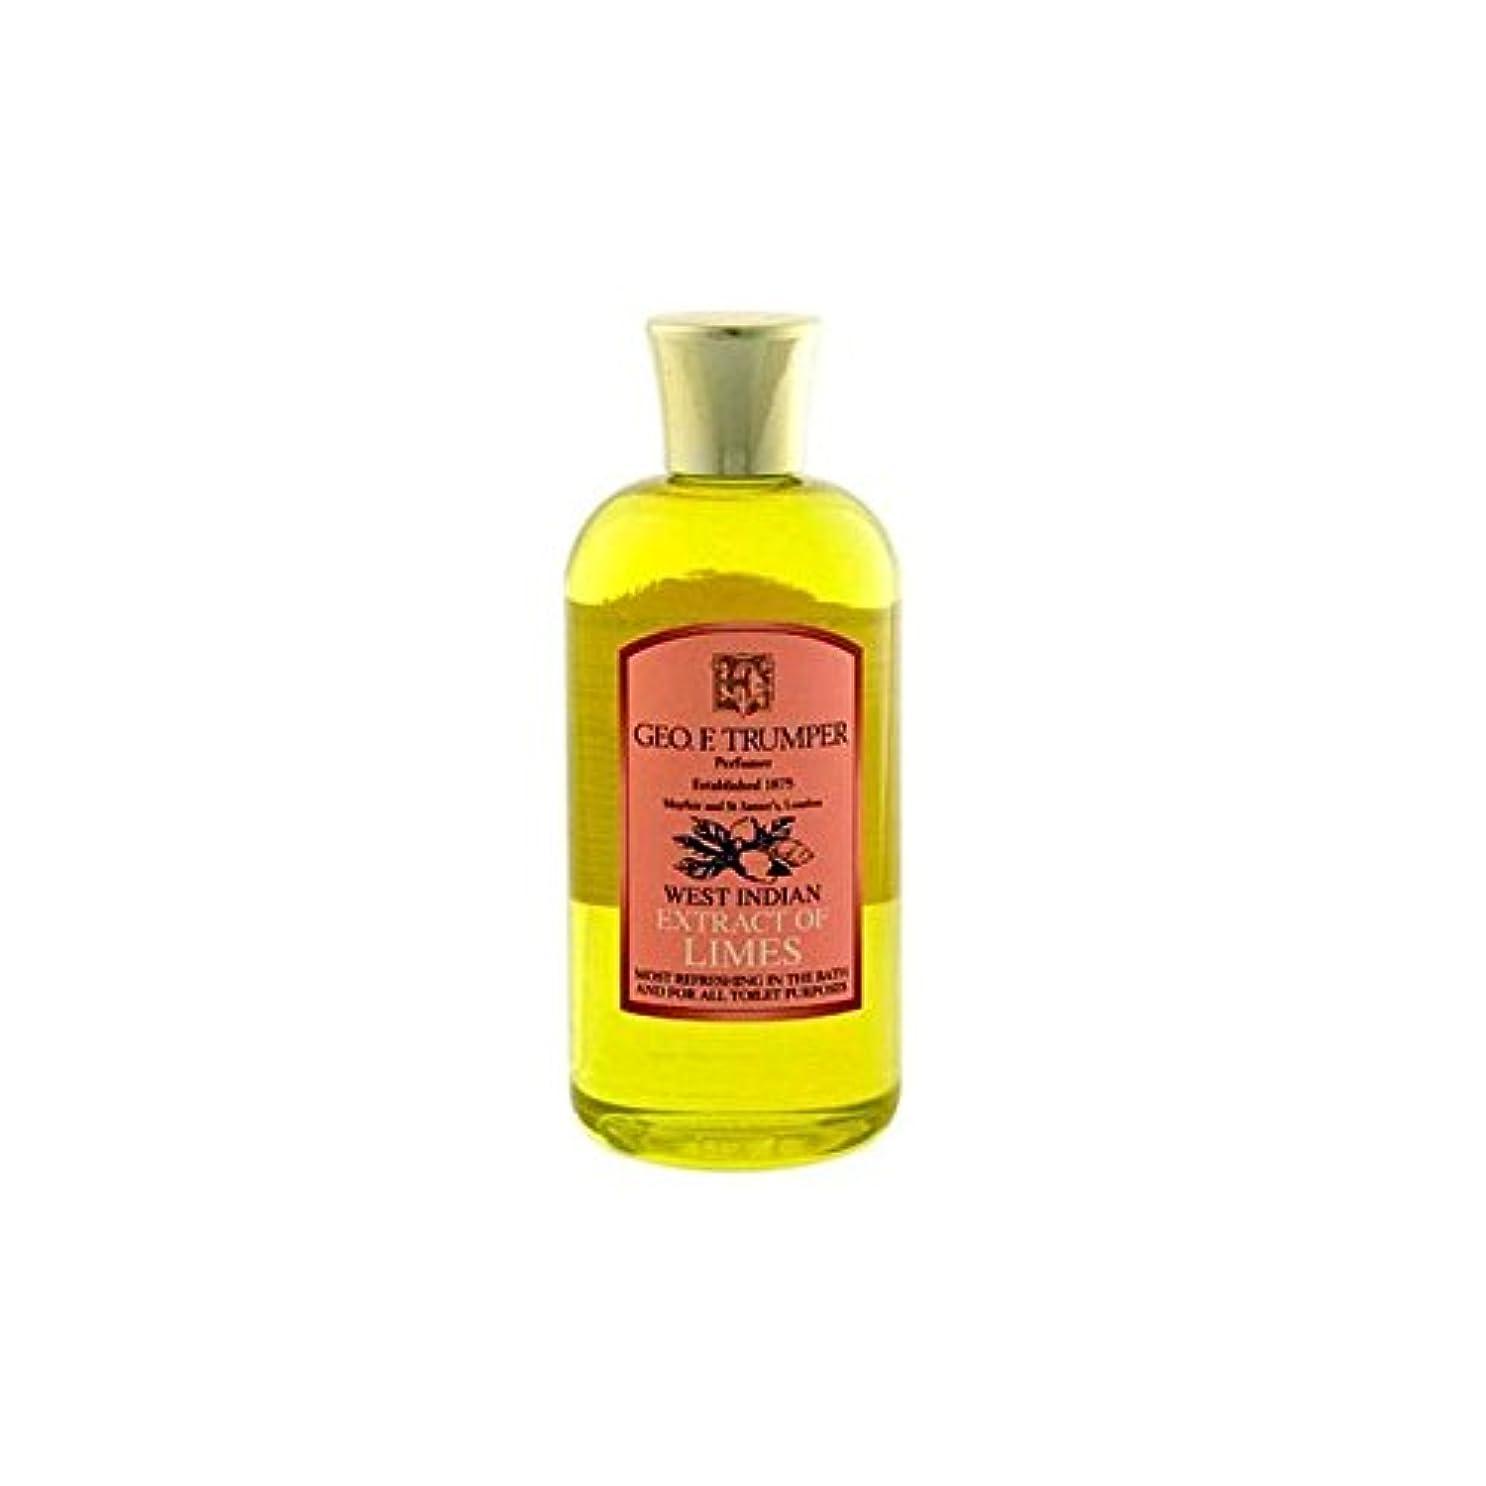 同一のアシストポケットライムのバスタブとシャワージェル200の抽出物を x2 - Trumpers Extracts of Limes Bath and Shower Gel 200ml (Pack of 2) [並行輸入品]